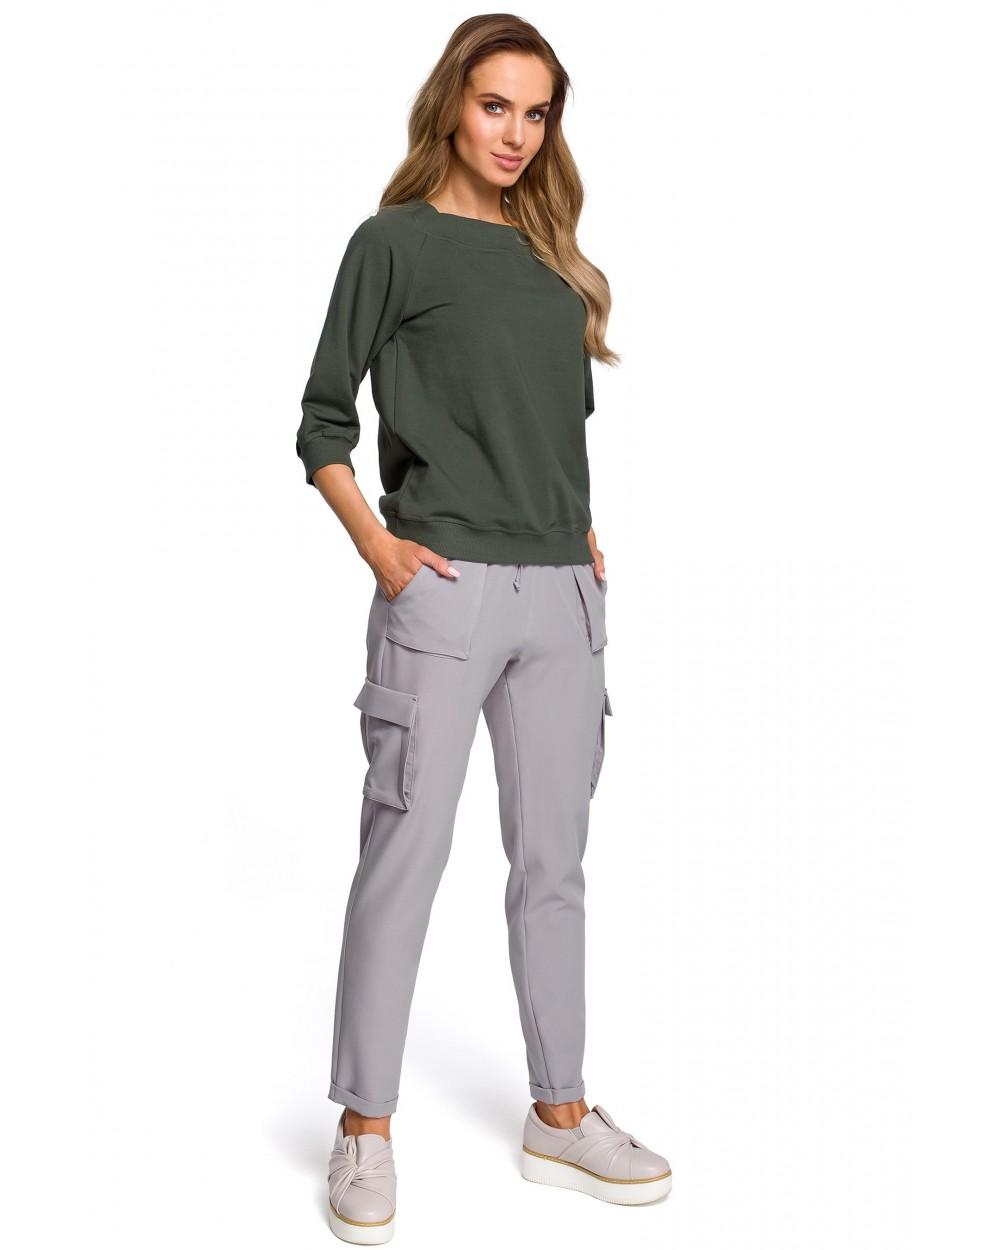 Spodnie damskie bojówki na co dzień szare luźne sklep online